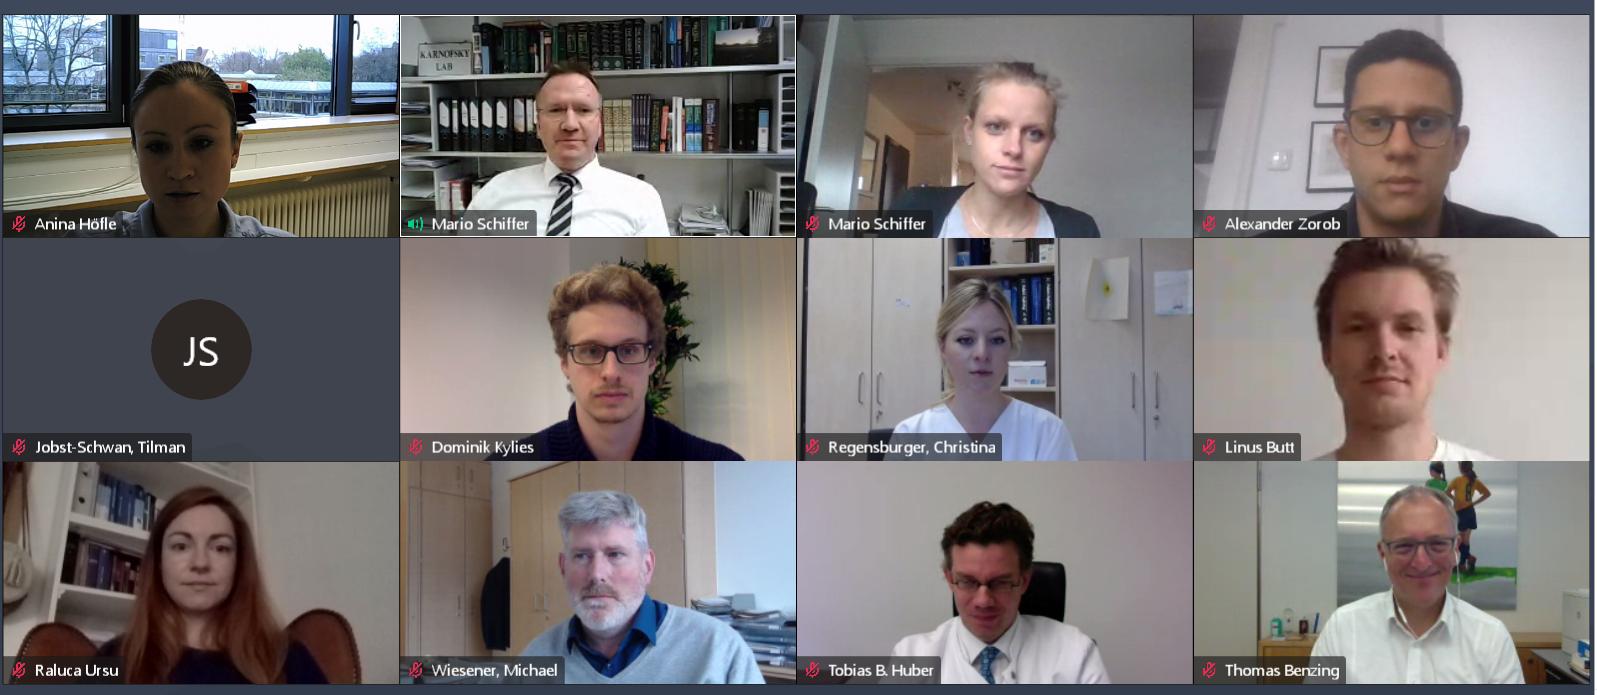 Auf dem Bild sind alle Beteiligten des 1. RECORD-Meetings im Videomeeting zu sehen